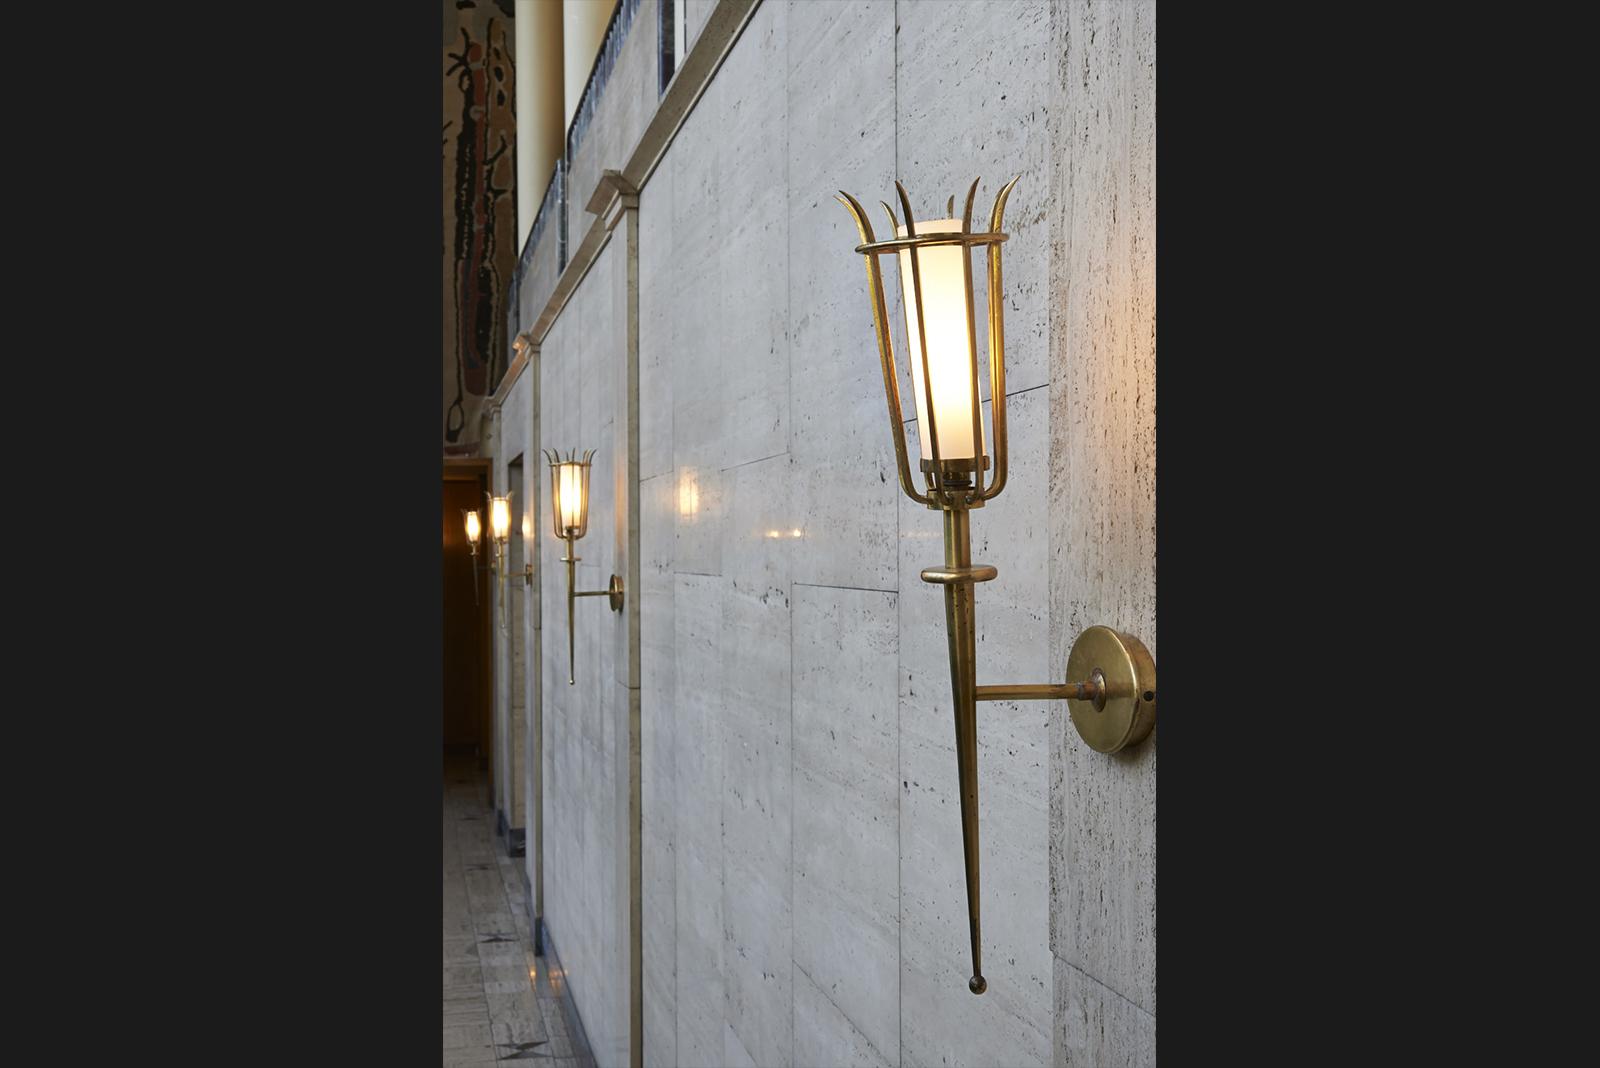 Kandelaber im Foyer der Ehrenhalle Treppen-Detail und Gebäudemodell in der »Hall d'honneur« © Marco Kany